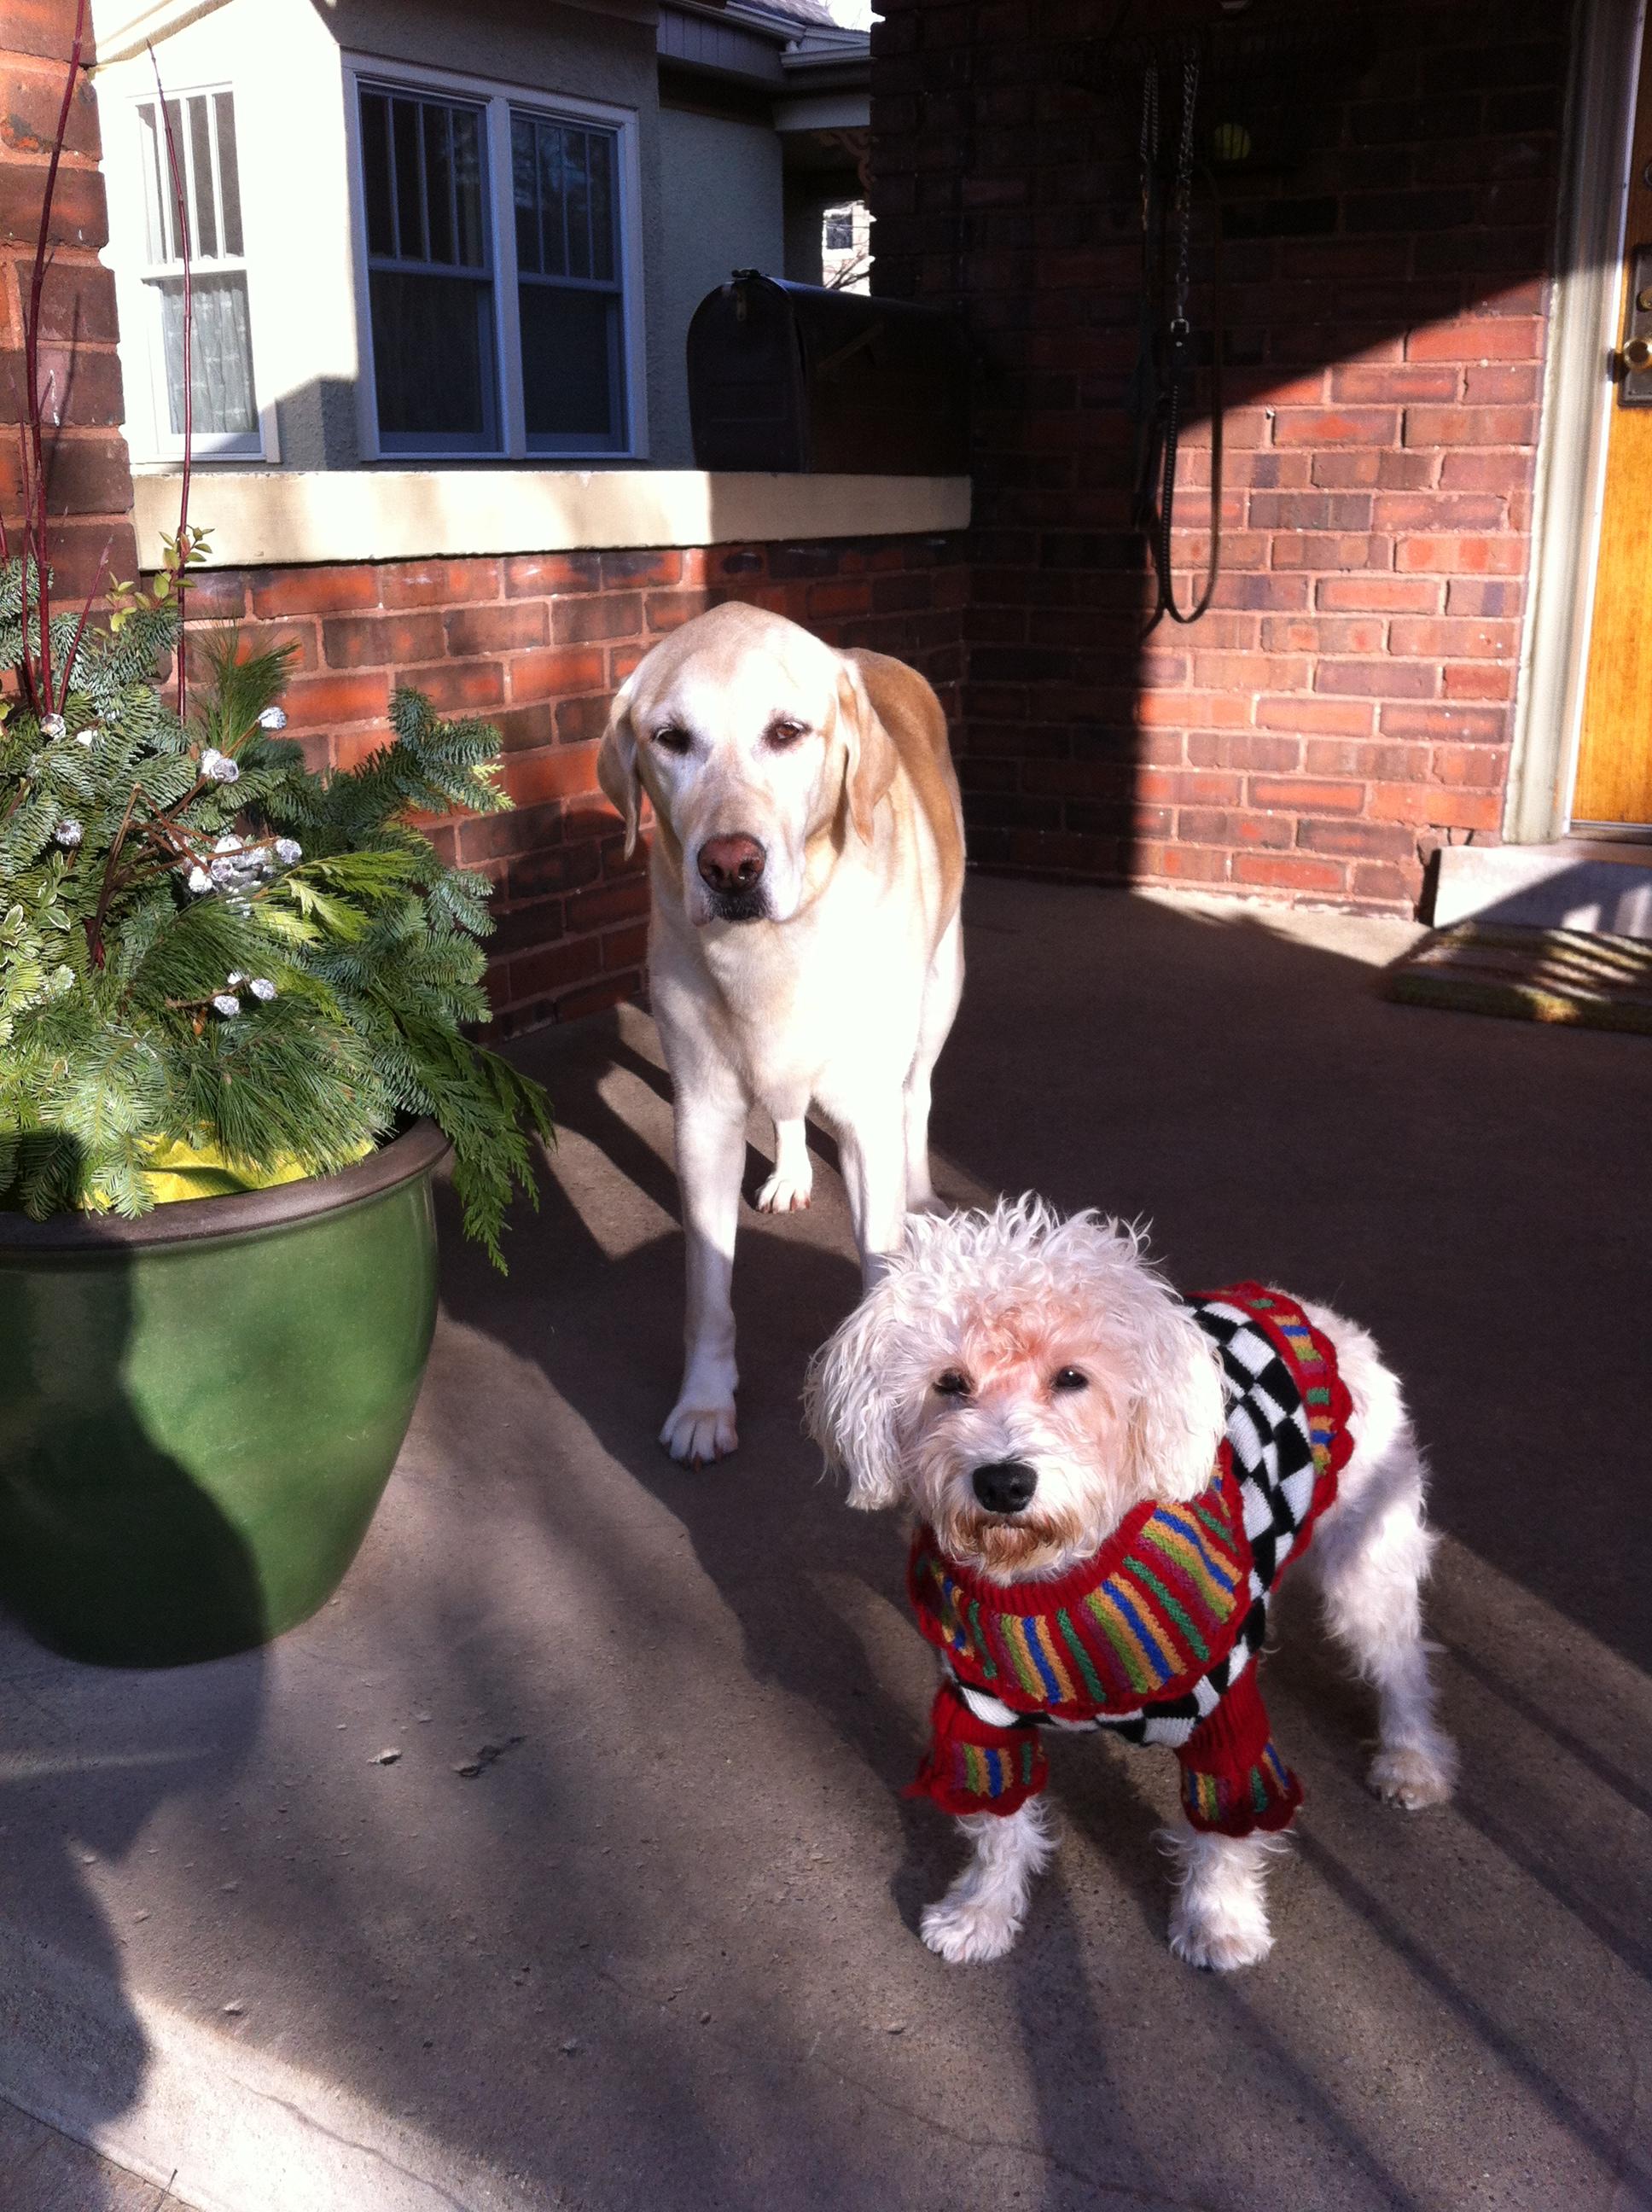 sweaterdogs